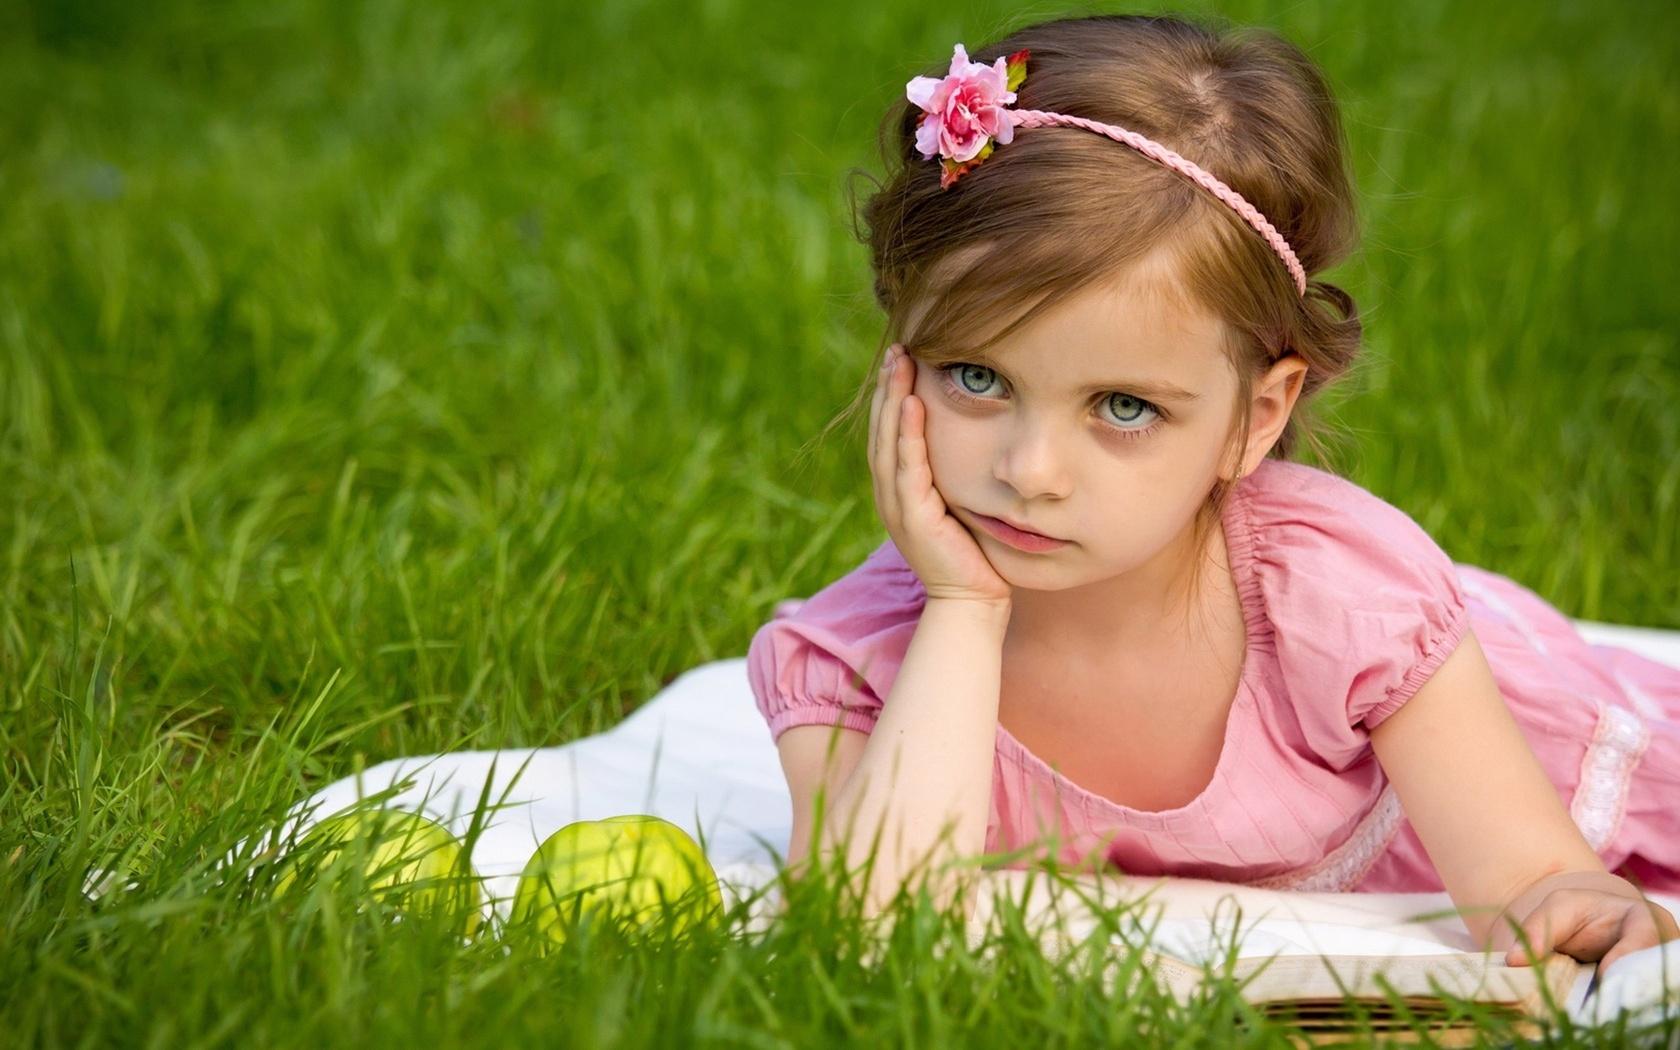 девочка, ребёнок, дети, настроение, грусть, задумчивость